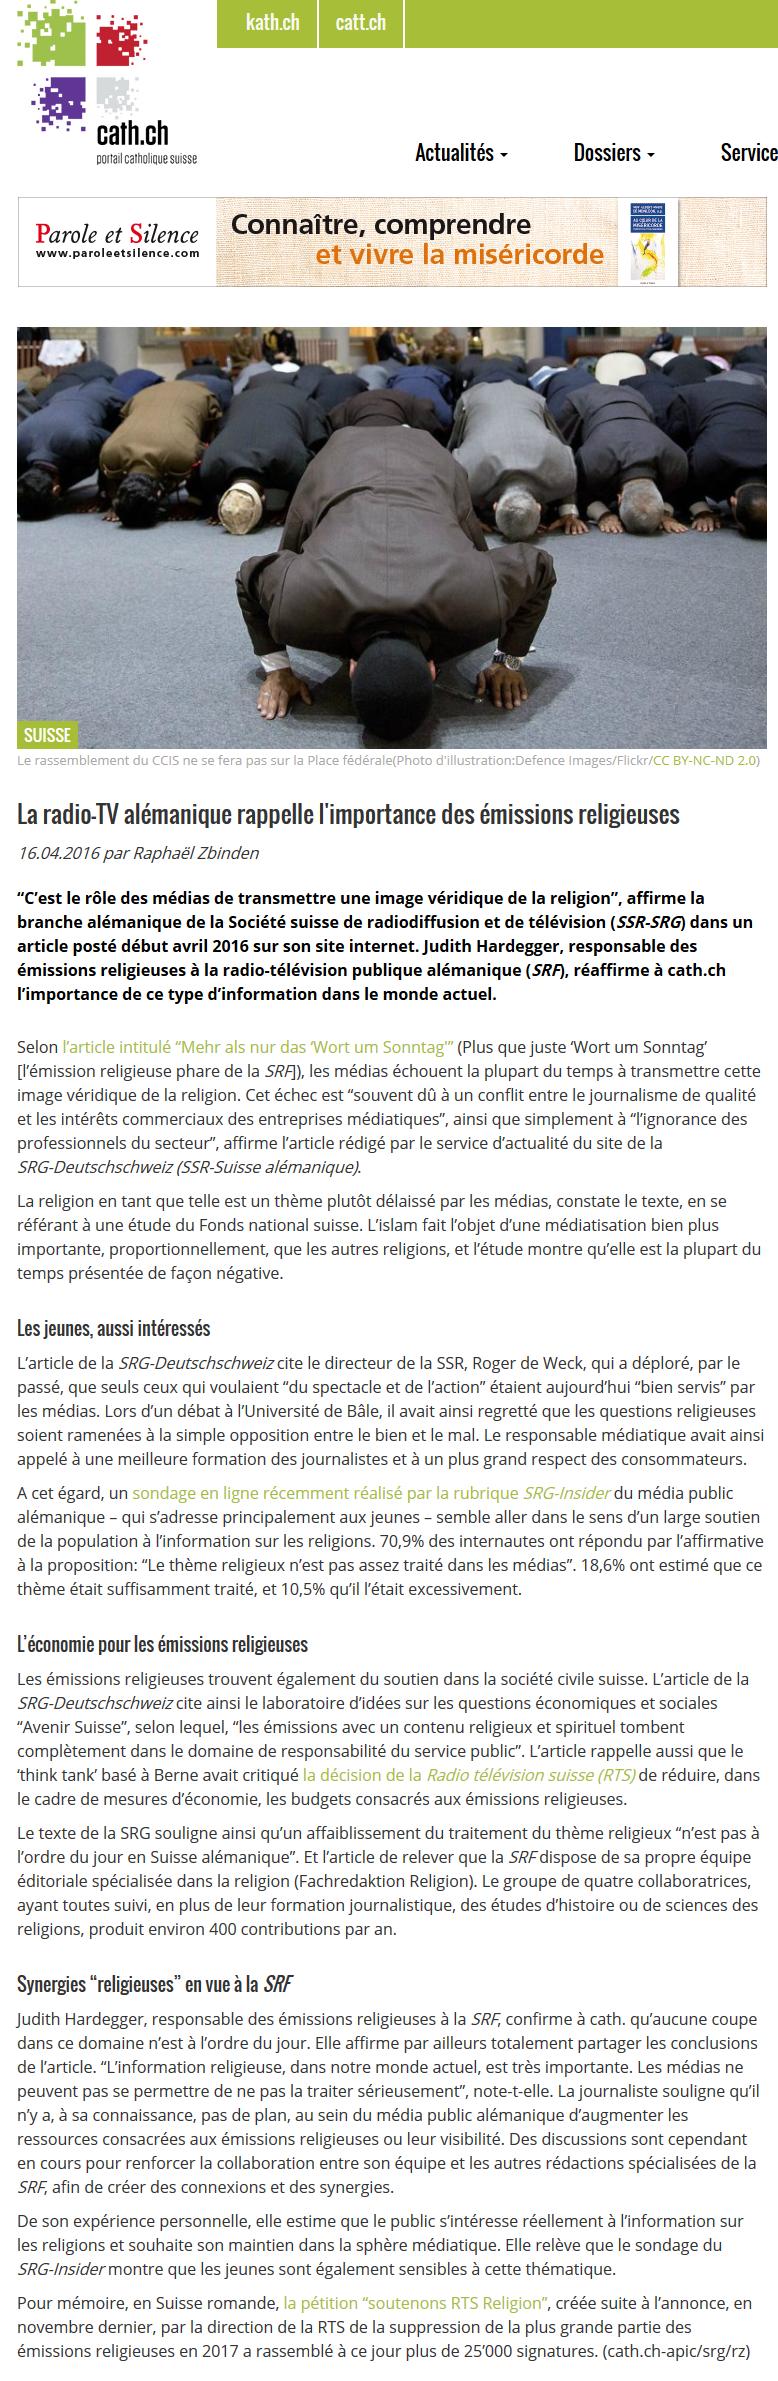 2016-04-16 SRF rappelle l'importance des émissions religieuses (cath.ch)